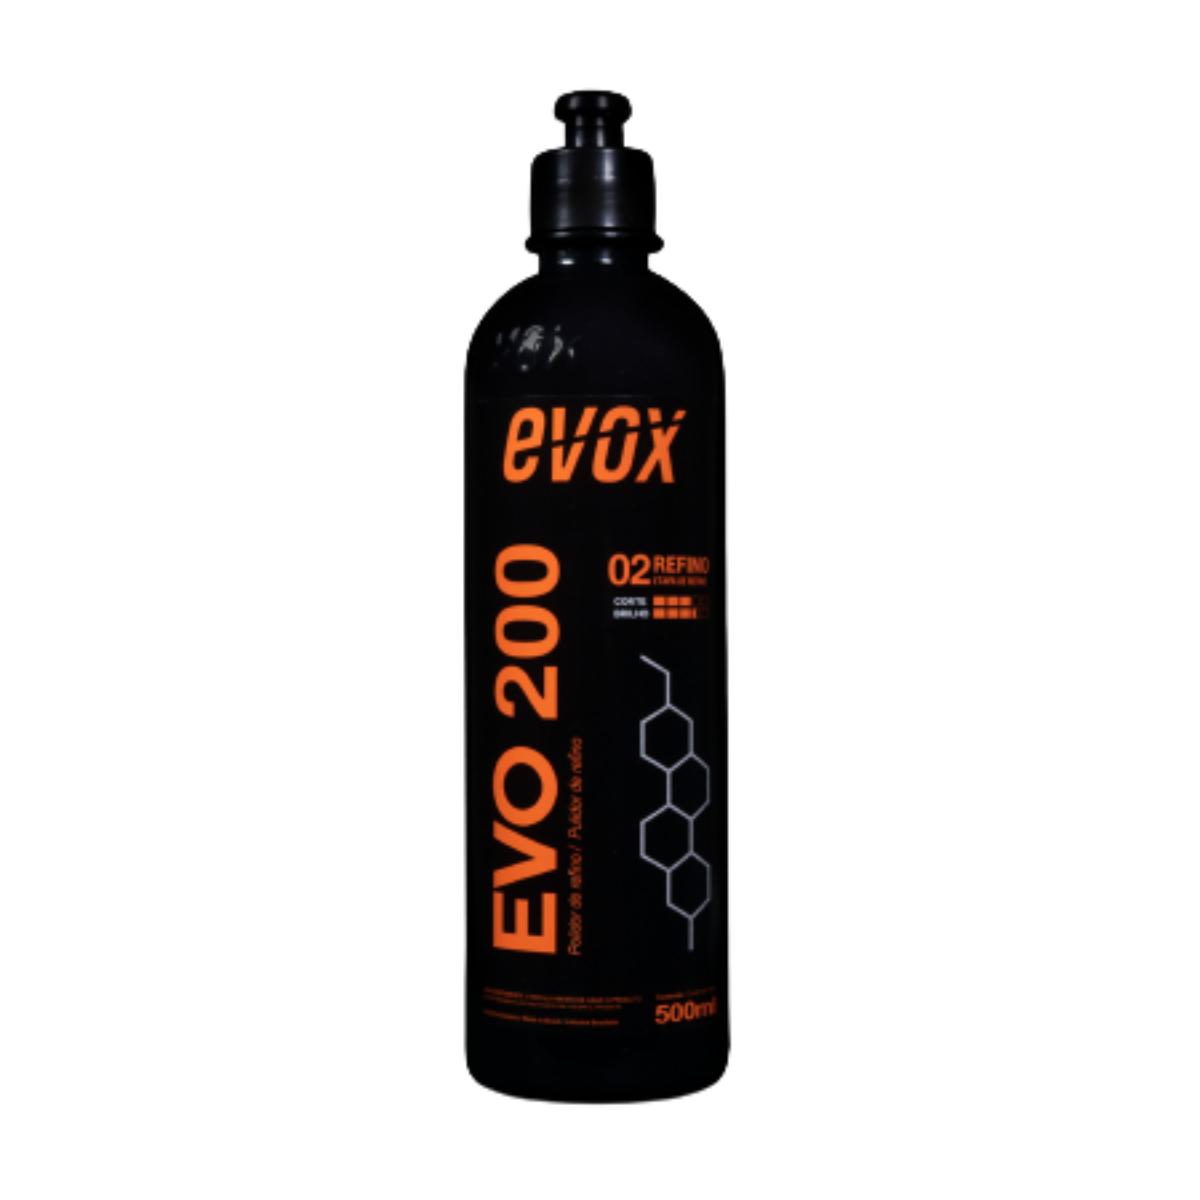 EVO200 POLIDOR REFINO 500ML EVOX